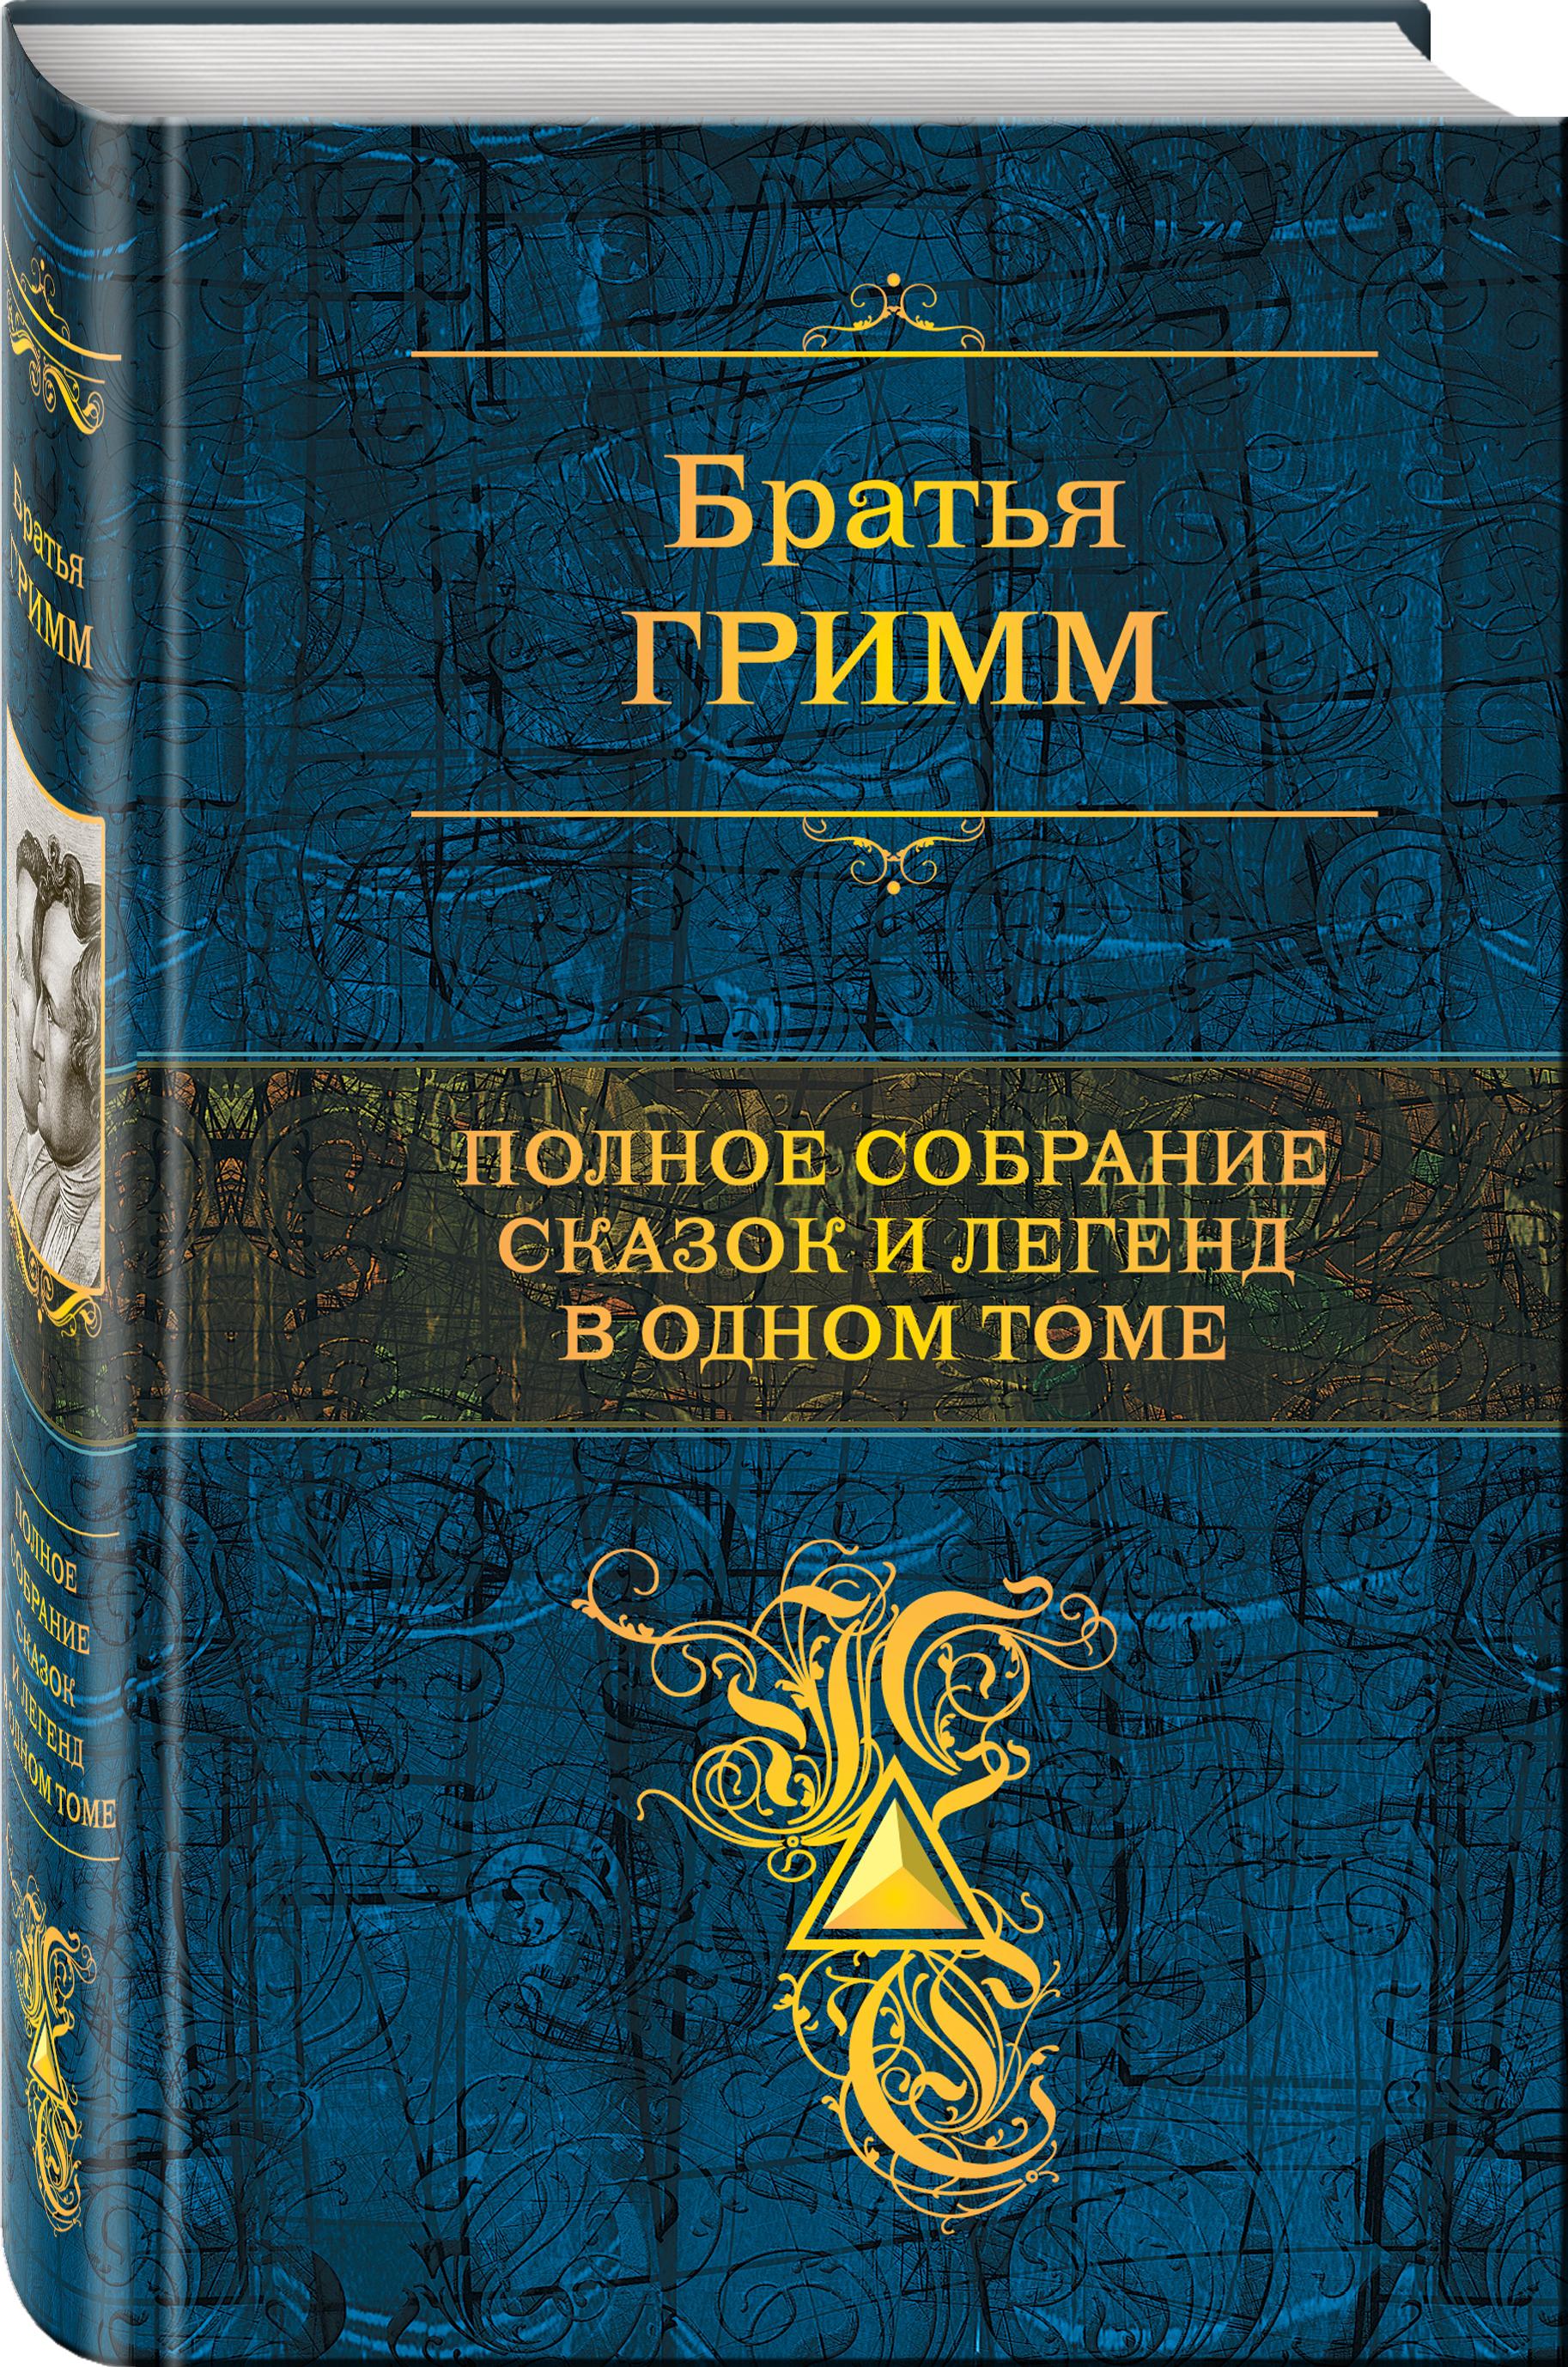 купить Братья Гримм Полное собрание сказок и легенд в одном томе недорого